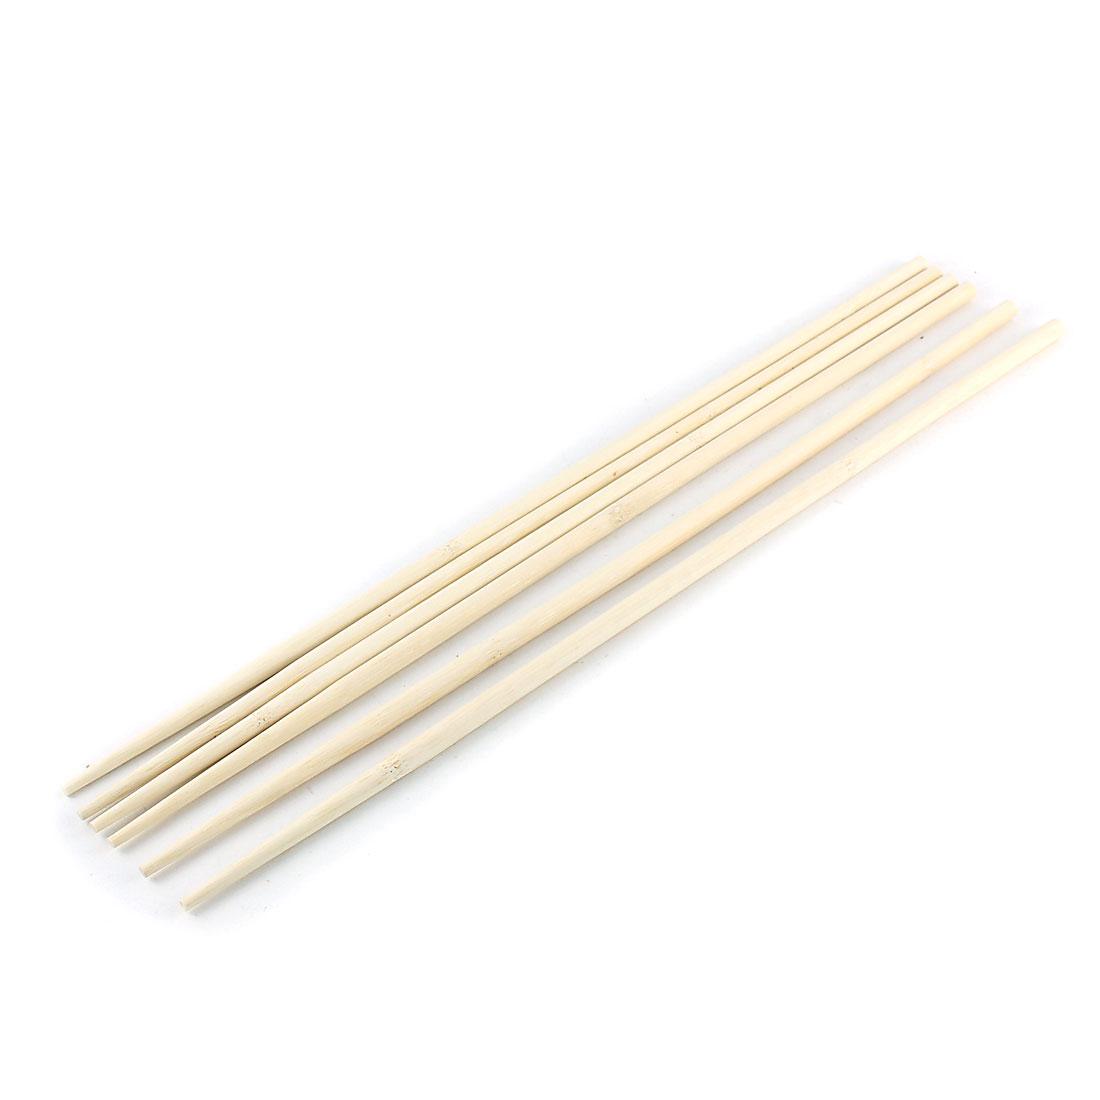 Kitchen Hot Pot Cooking Wooden Noodles Chopsticks 45cm Length 3 Pairs